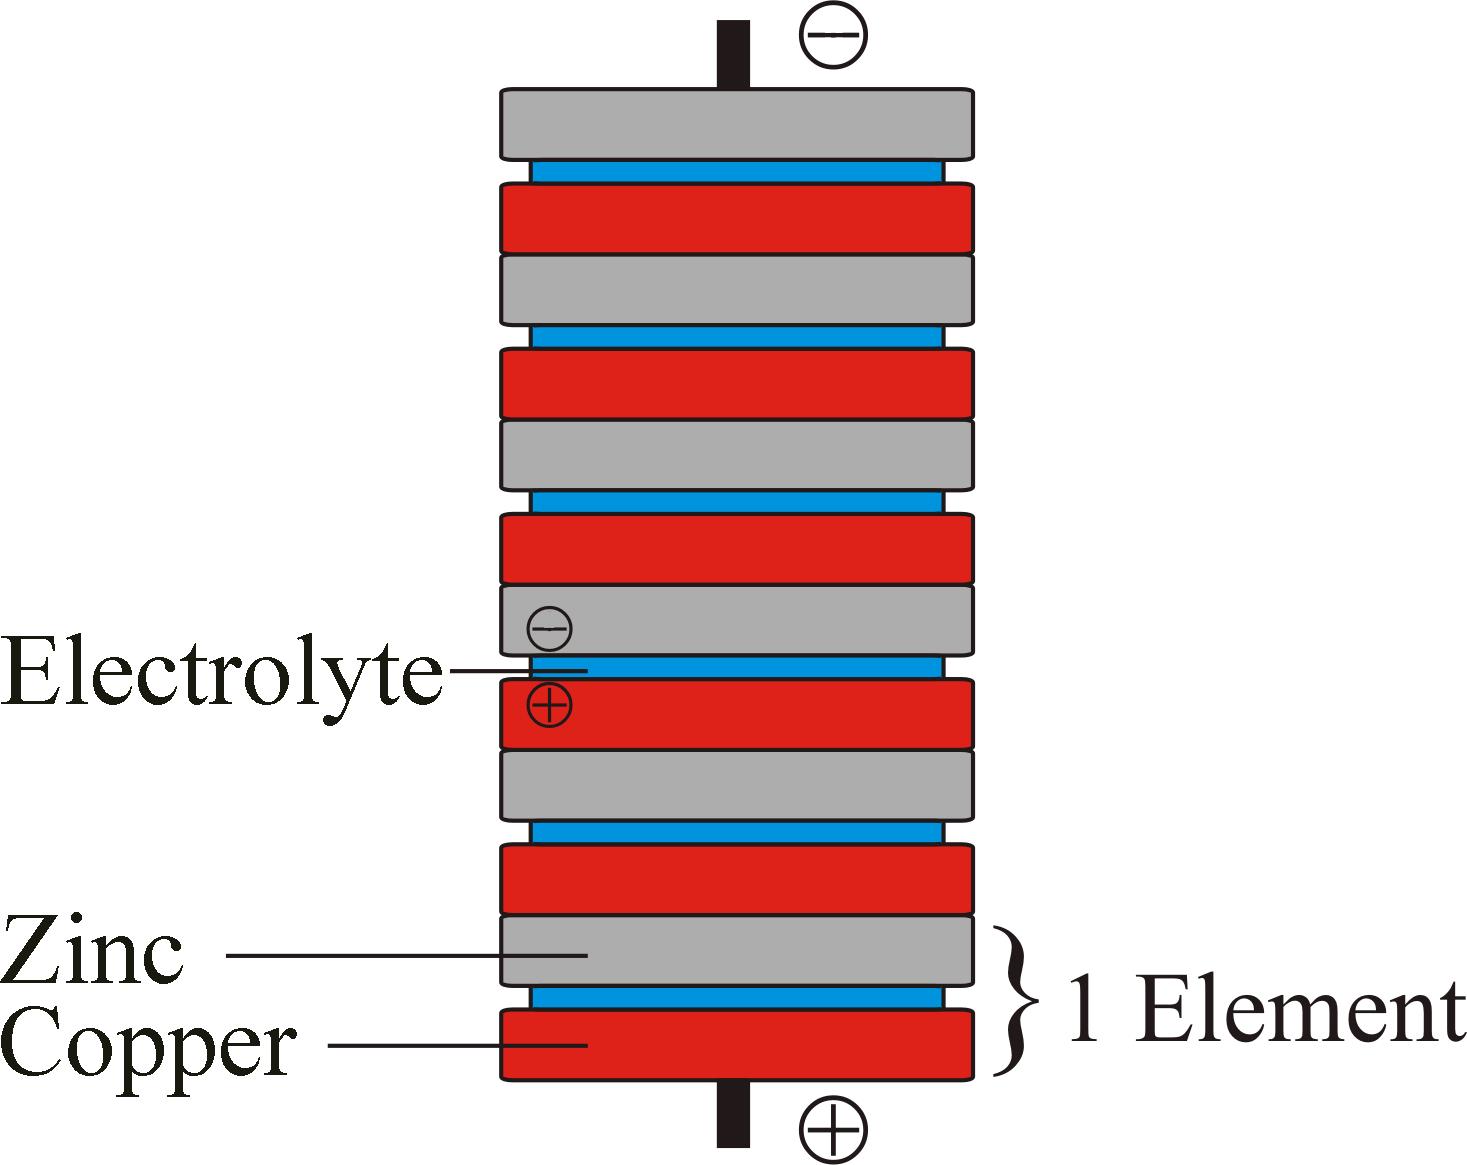 ダニエル ボルタ 電池 電池 電気化学(電池)